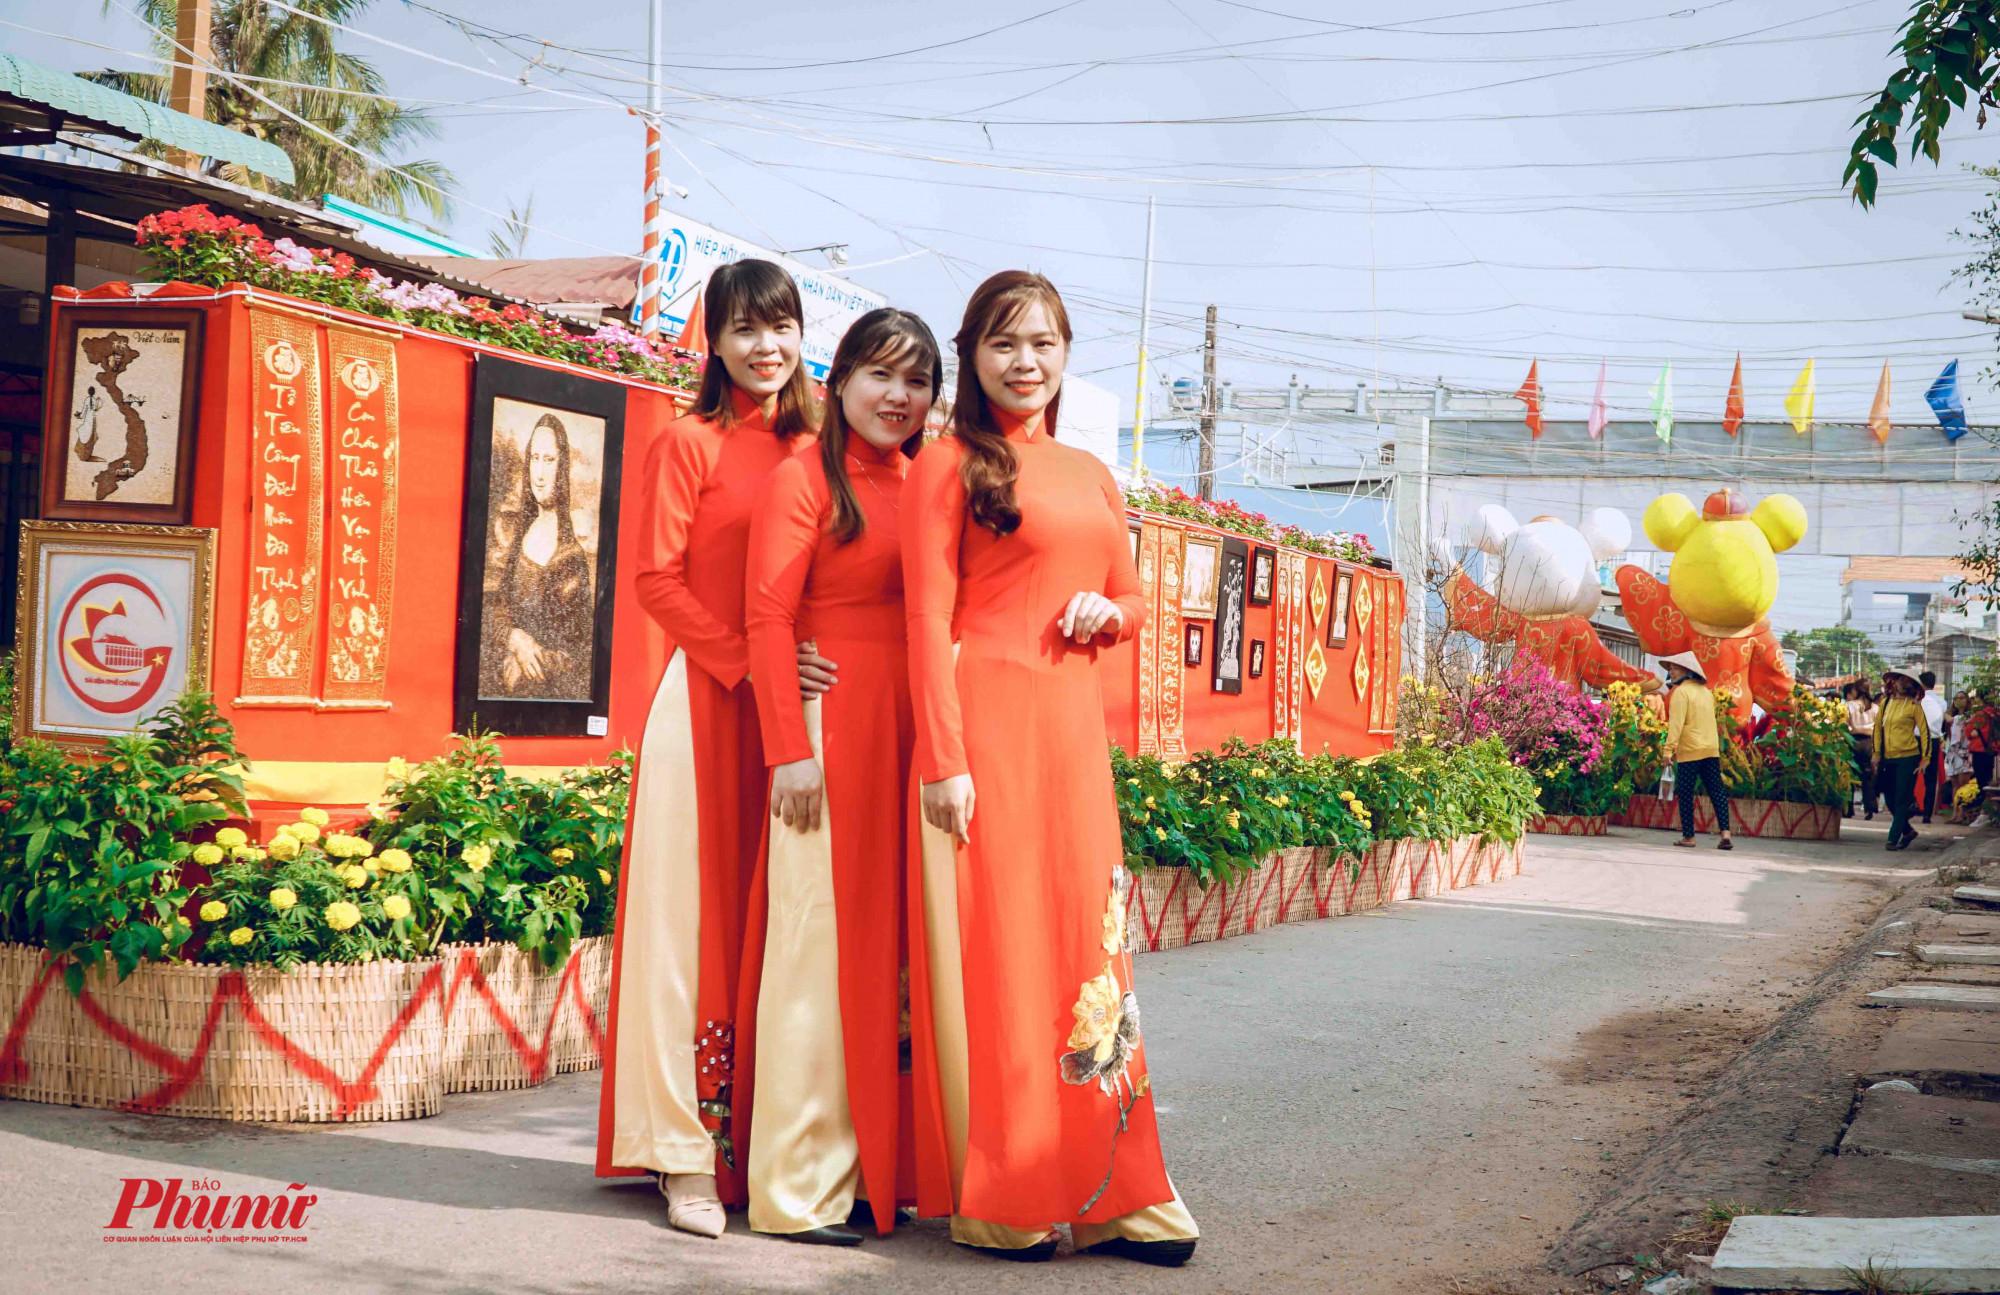 các bạn nữa rạng rỡ vui xuân cùng bộ áo dài truyền thống